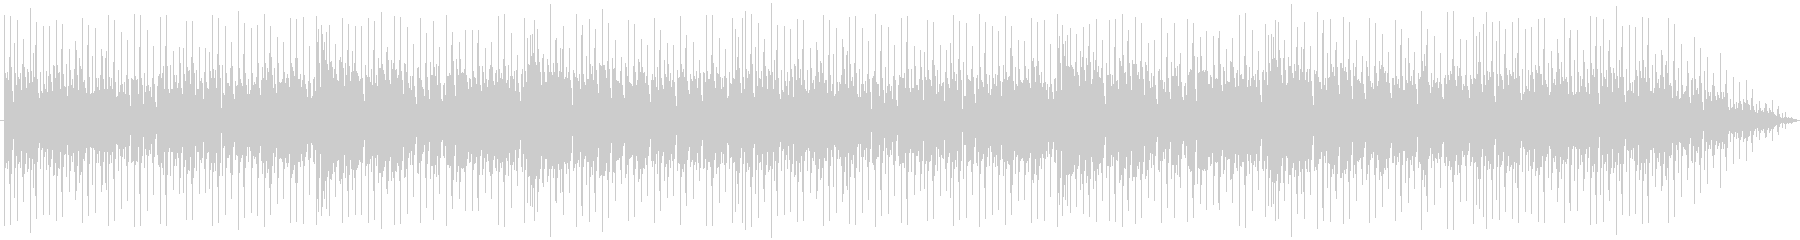 ピアノと溝。ループフルートシーケンス。の未再生の波形